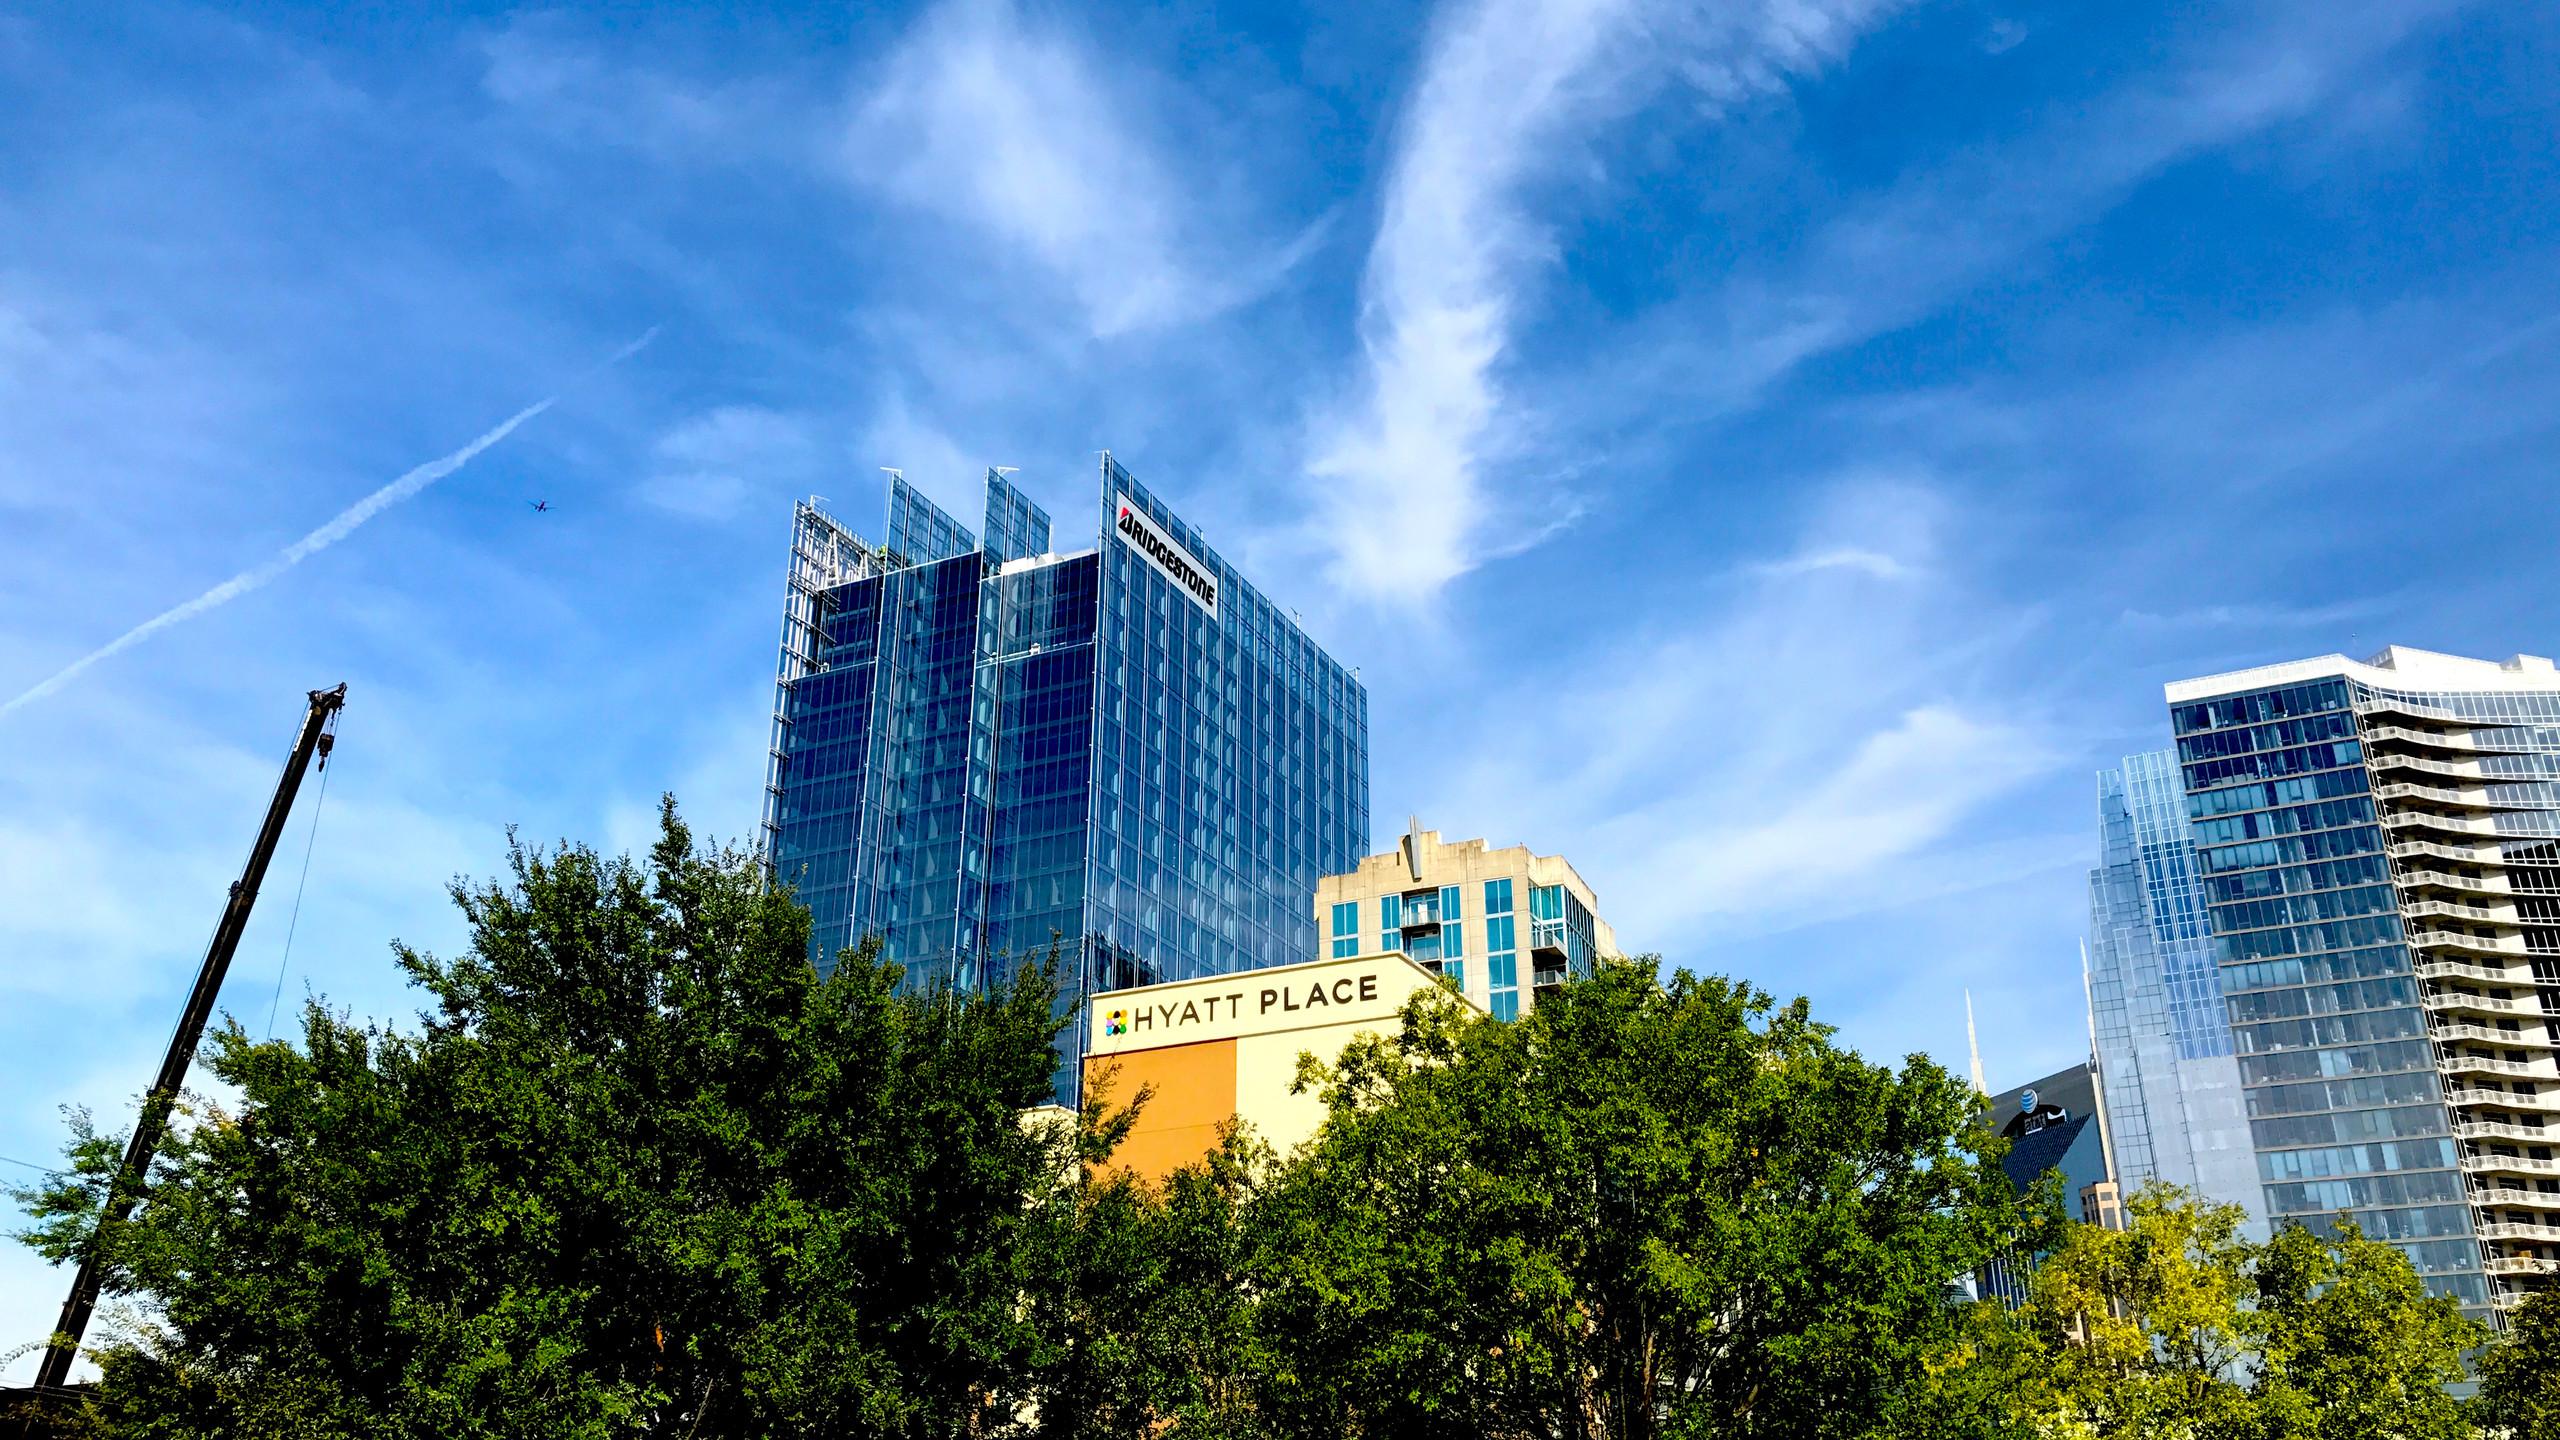 Nashville Sky Scrapers